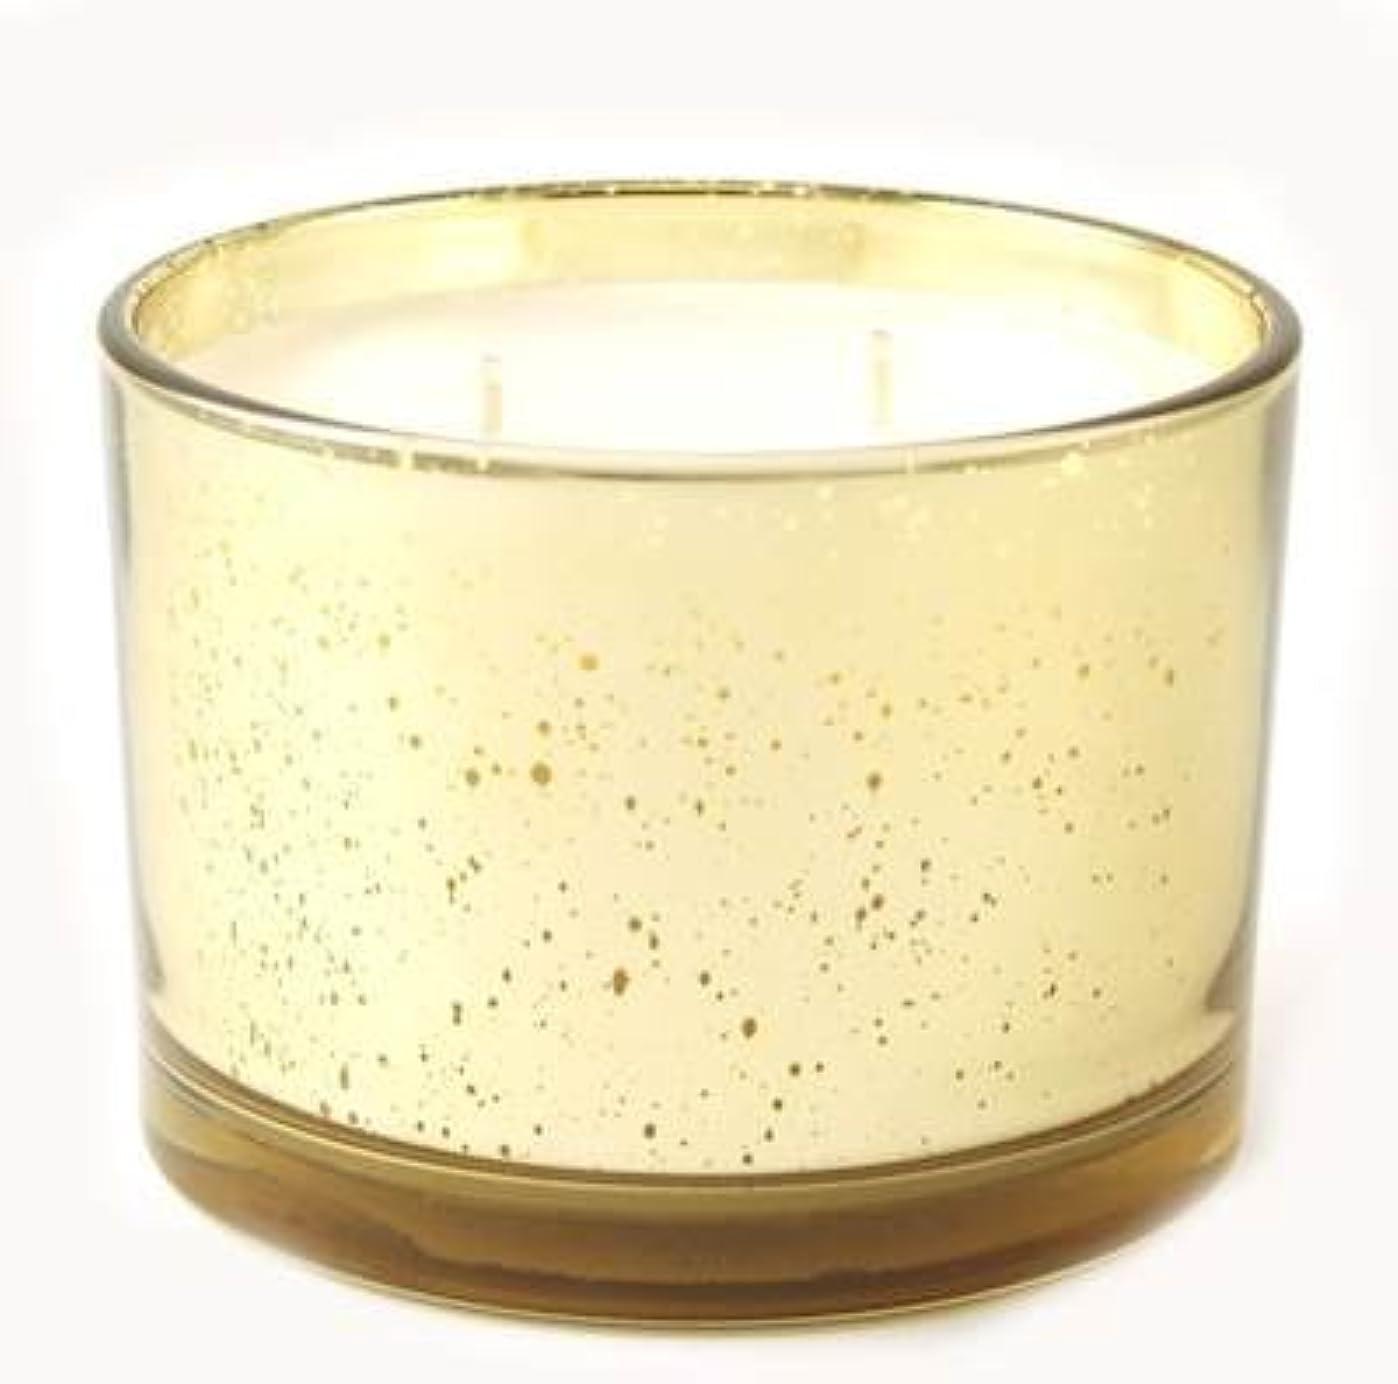 モルヒネ漏れ優しいDiva Tyler Statureゴールドonゴールド16oz香りつきJar Candle